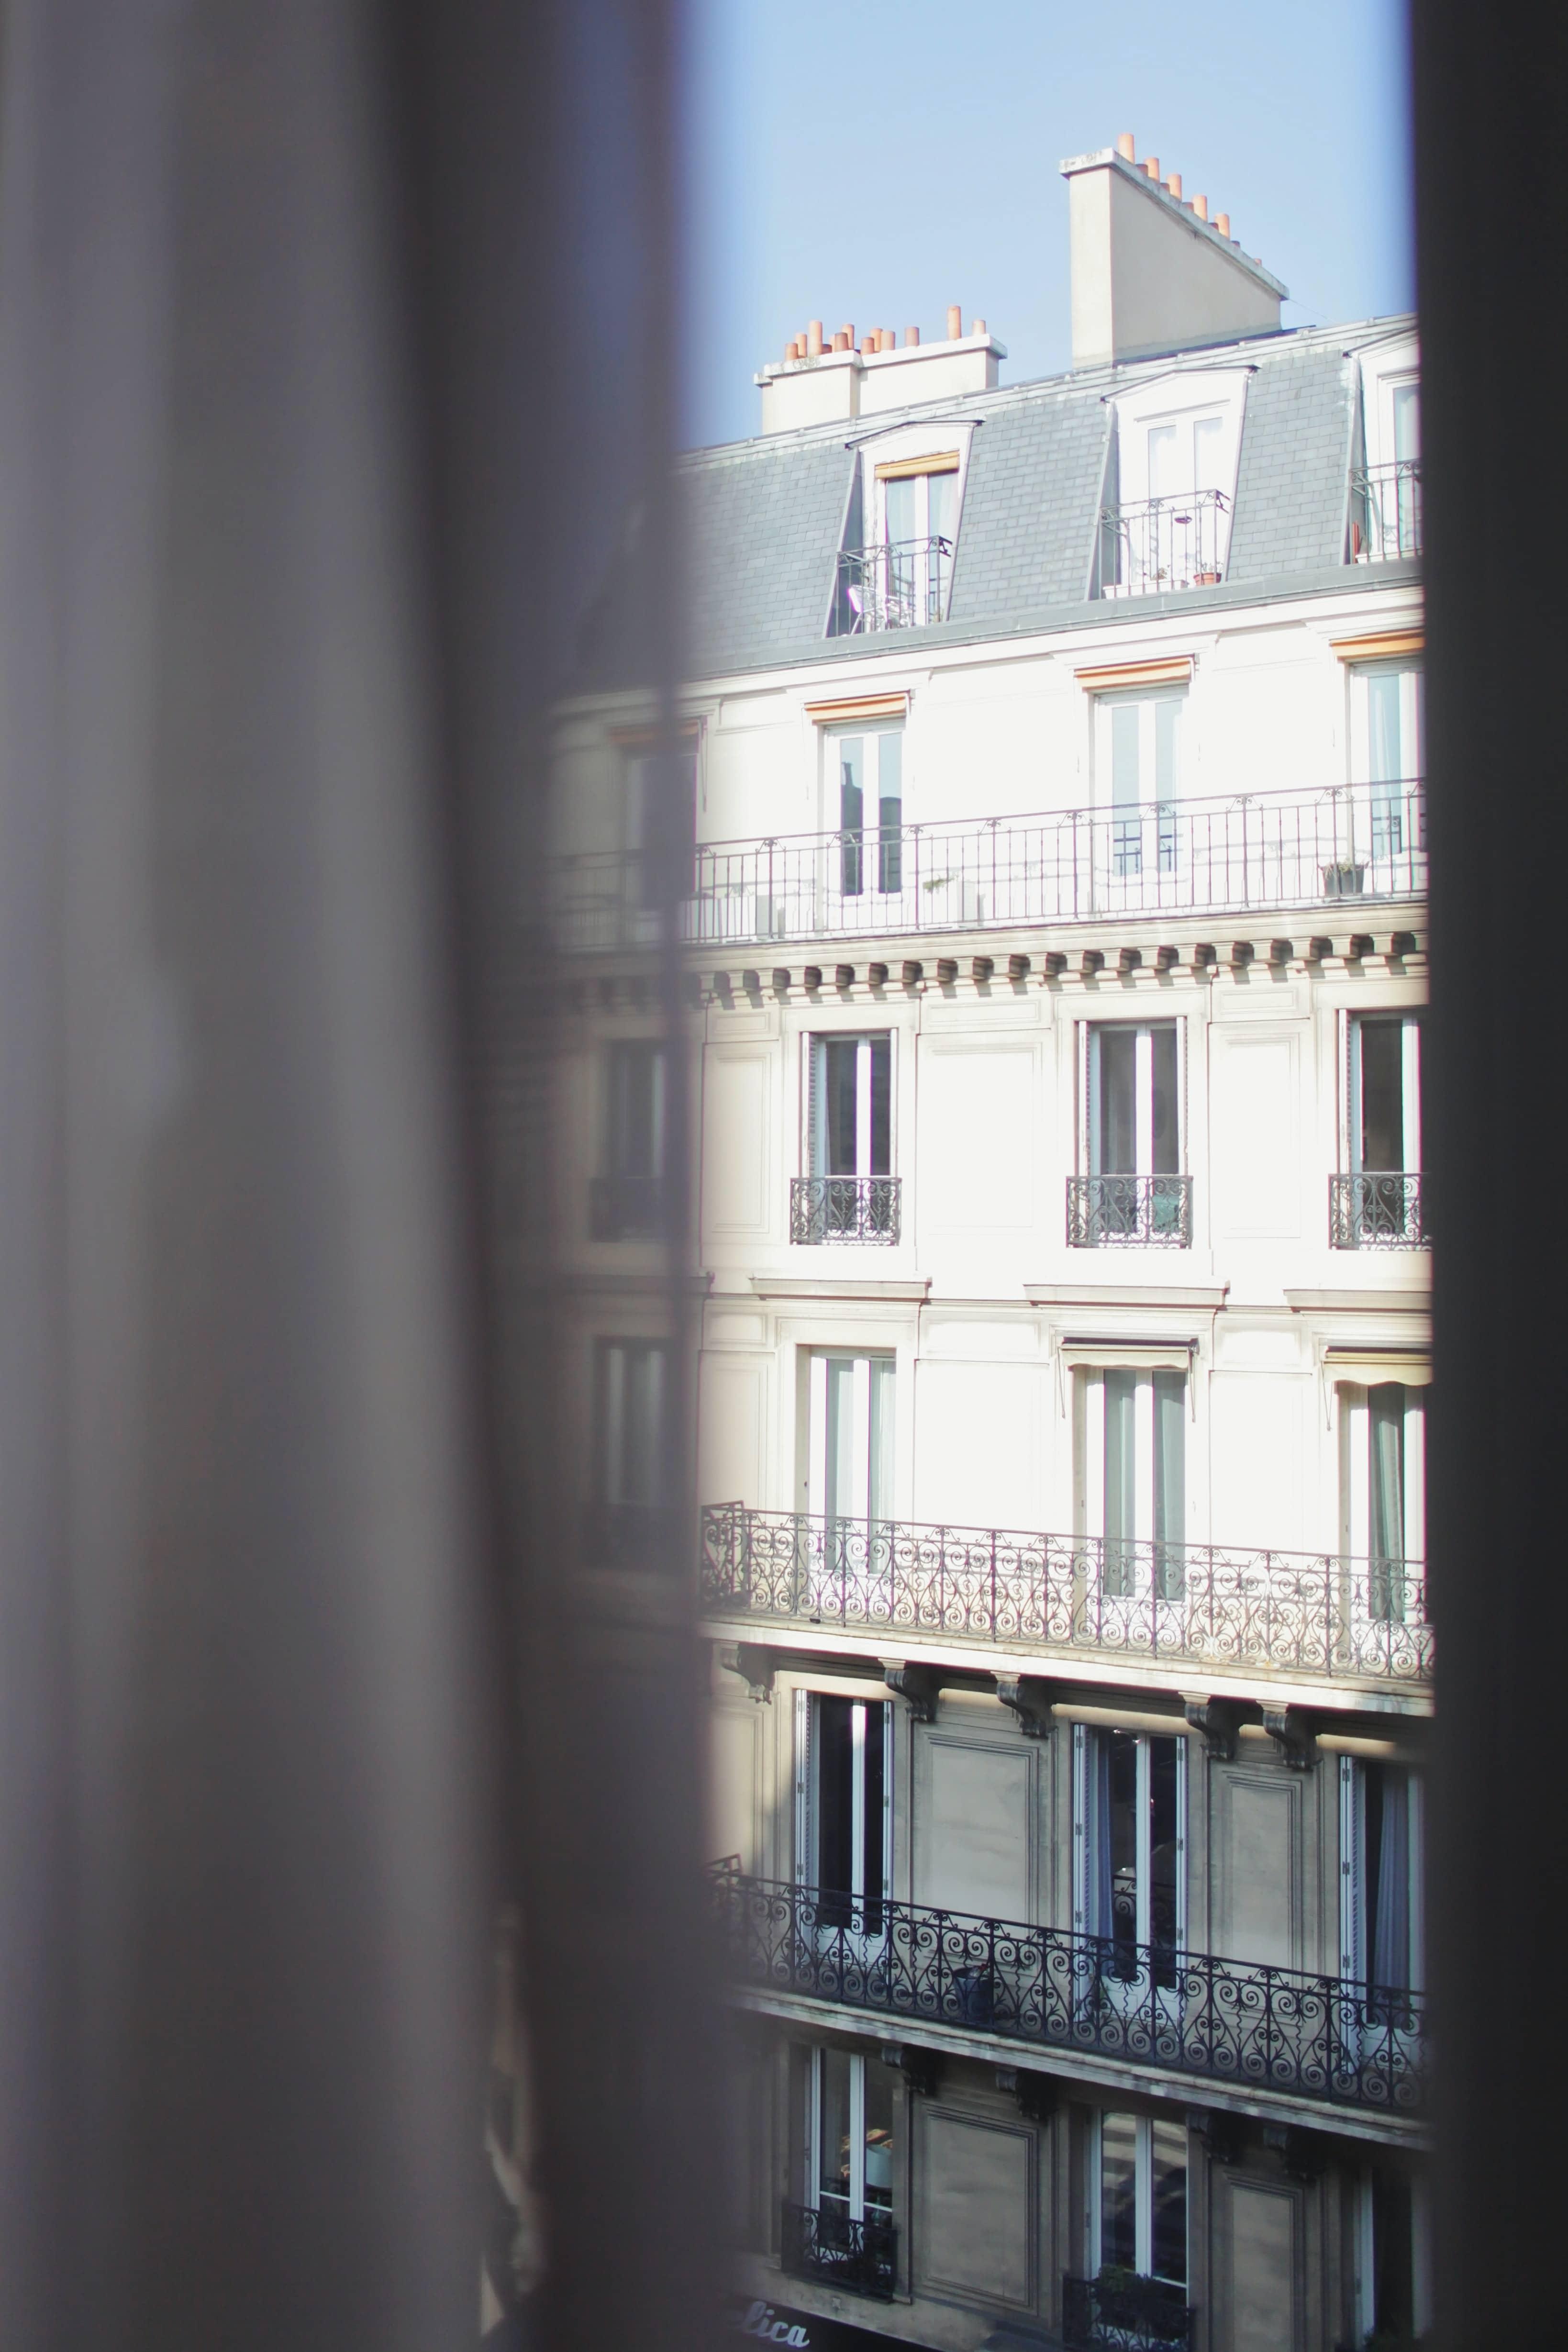 façade d'immeuble vue d'une fenêtre